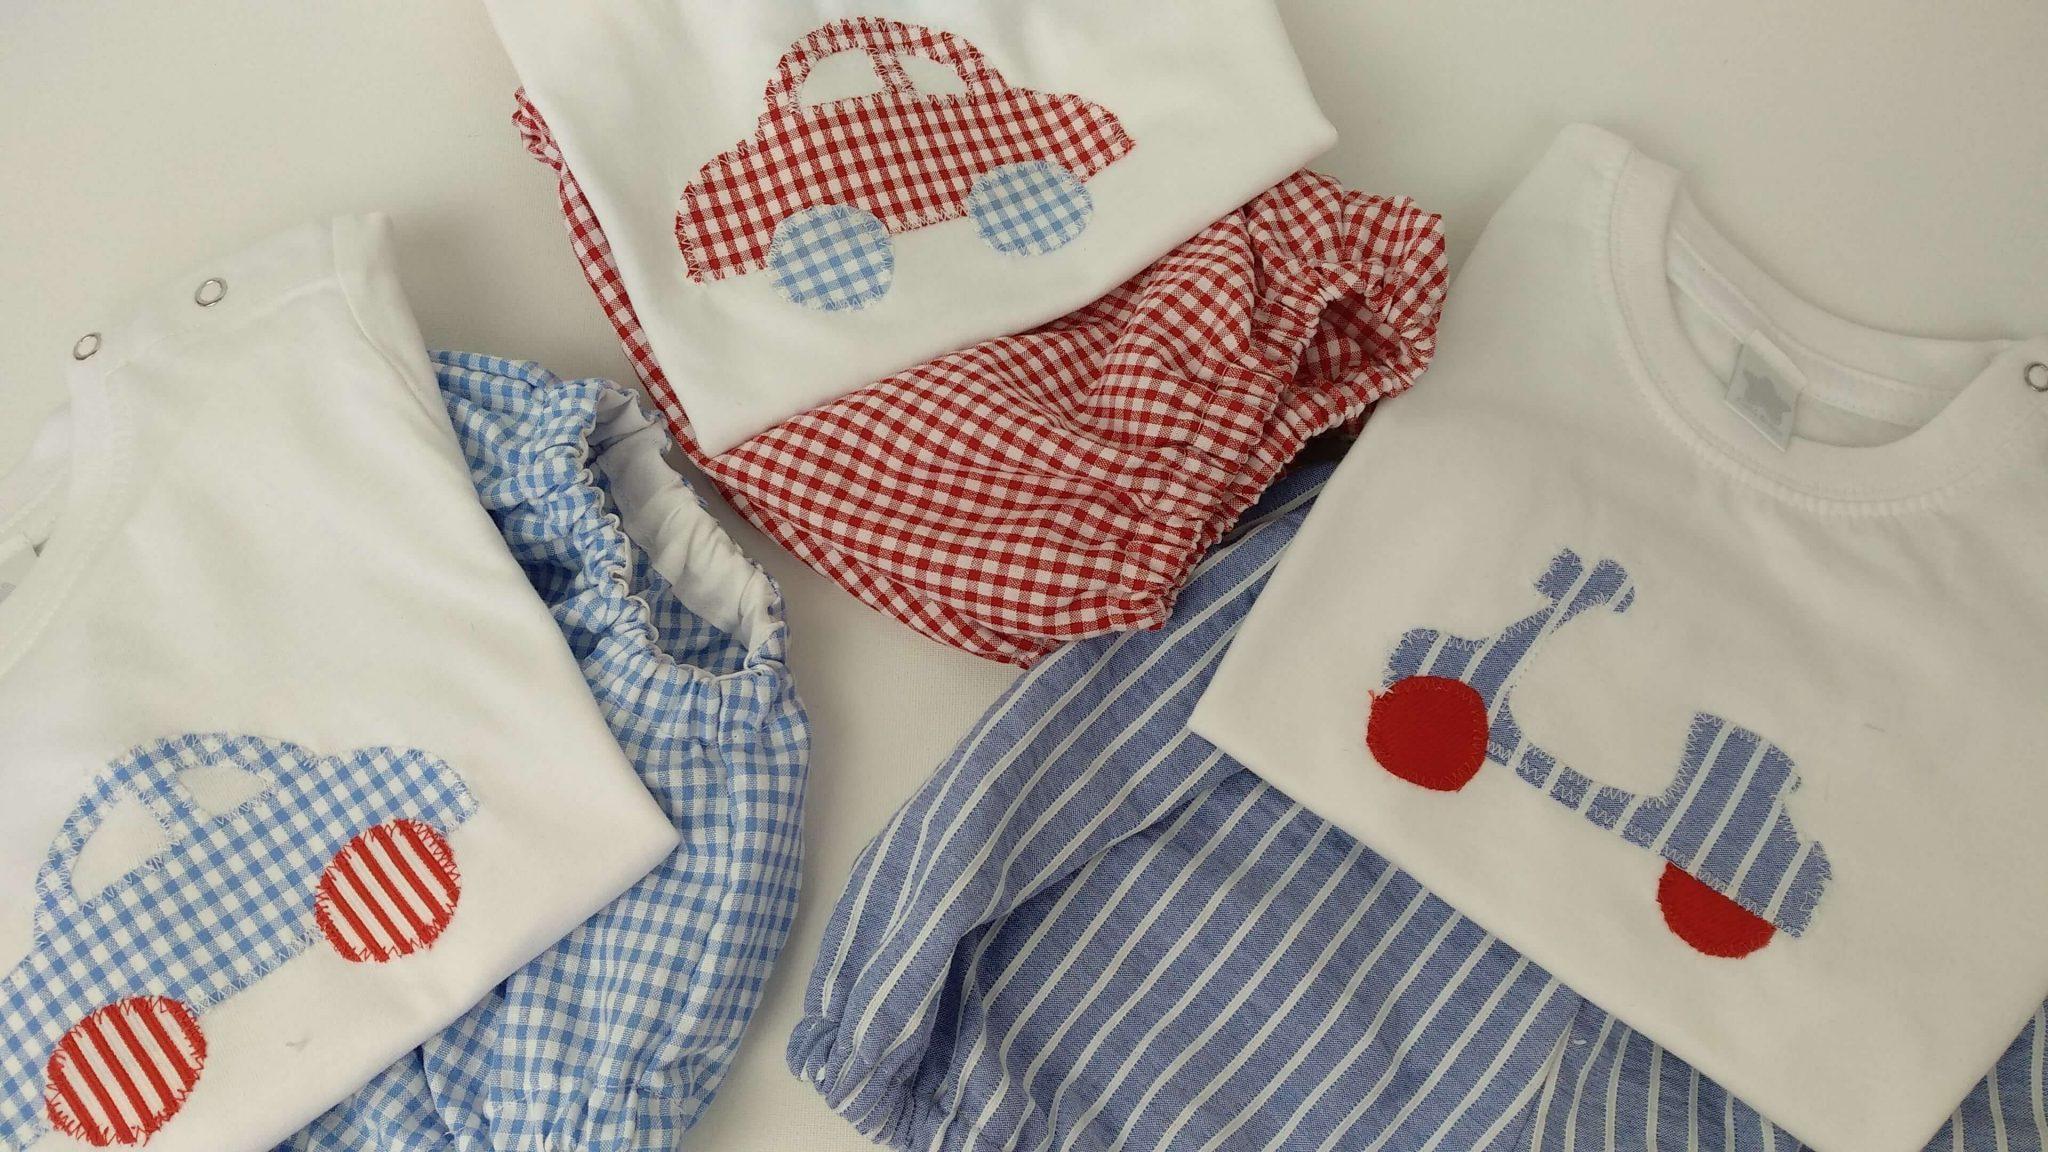 Pijamas iguales para todos los hermanos